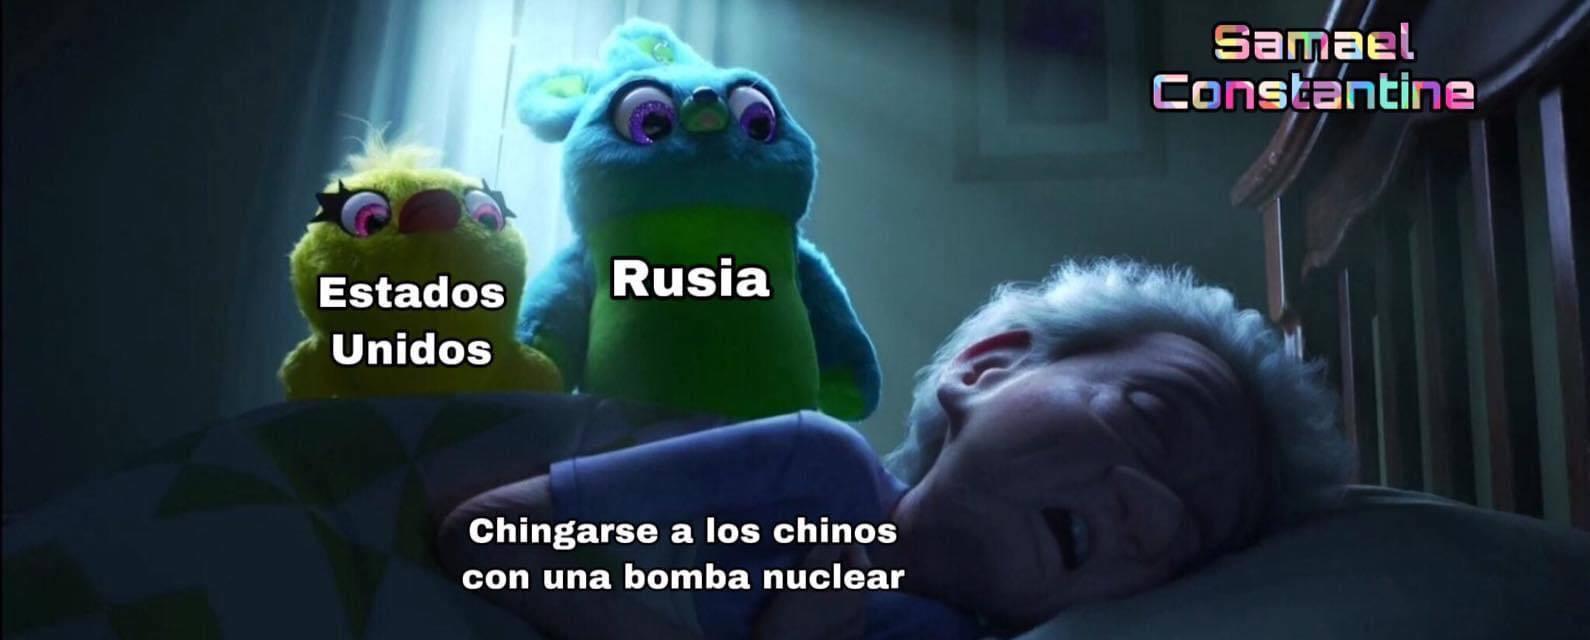 La venganza es dulce - meme